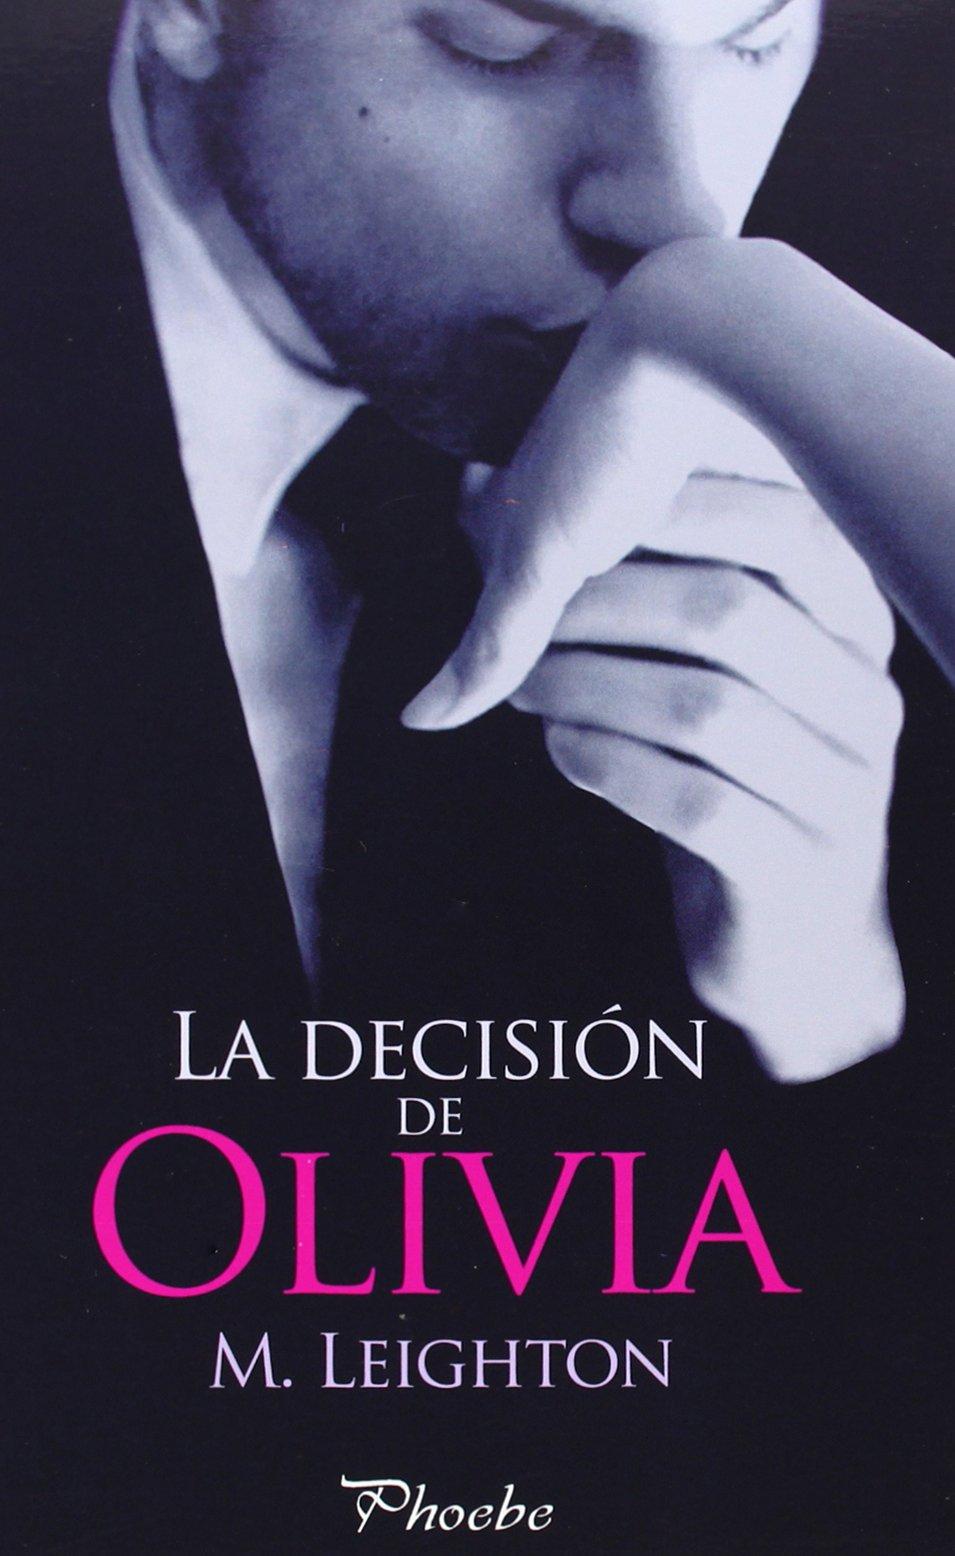 La decisión de Olivia (Phoebe): Amazon.es: M. Leighton, María José Losada Rey: Libros